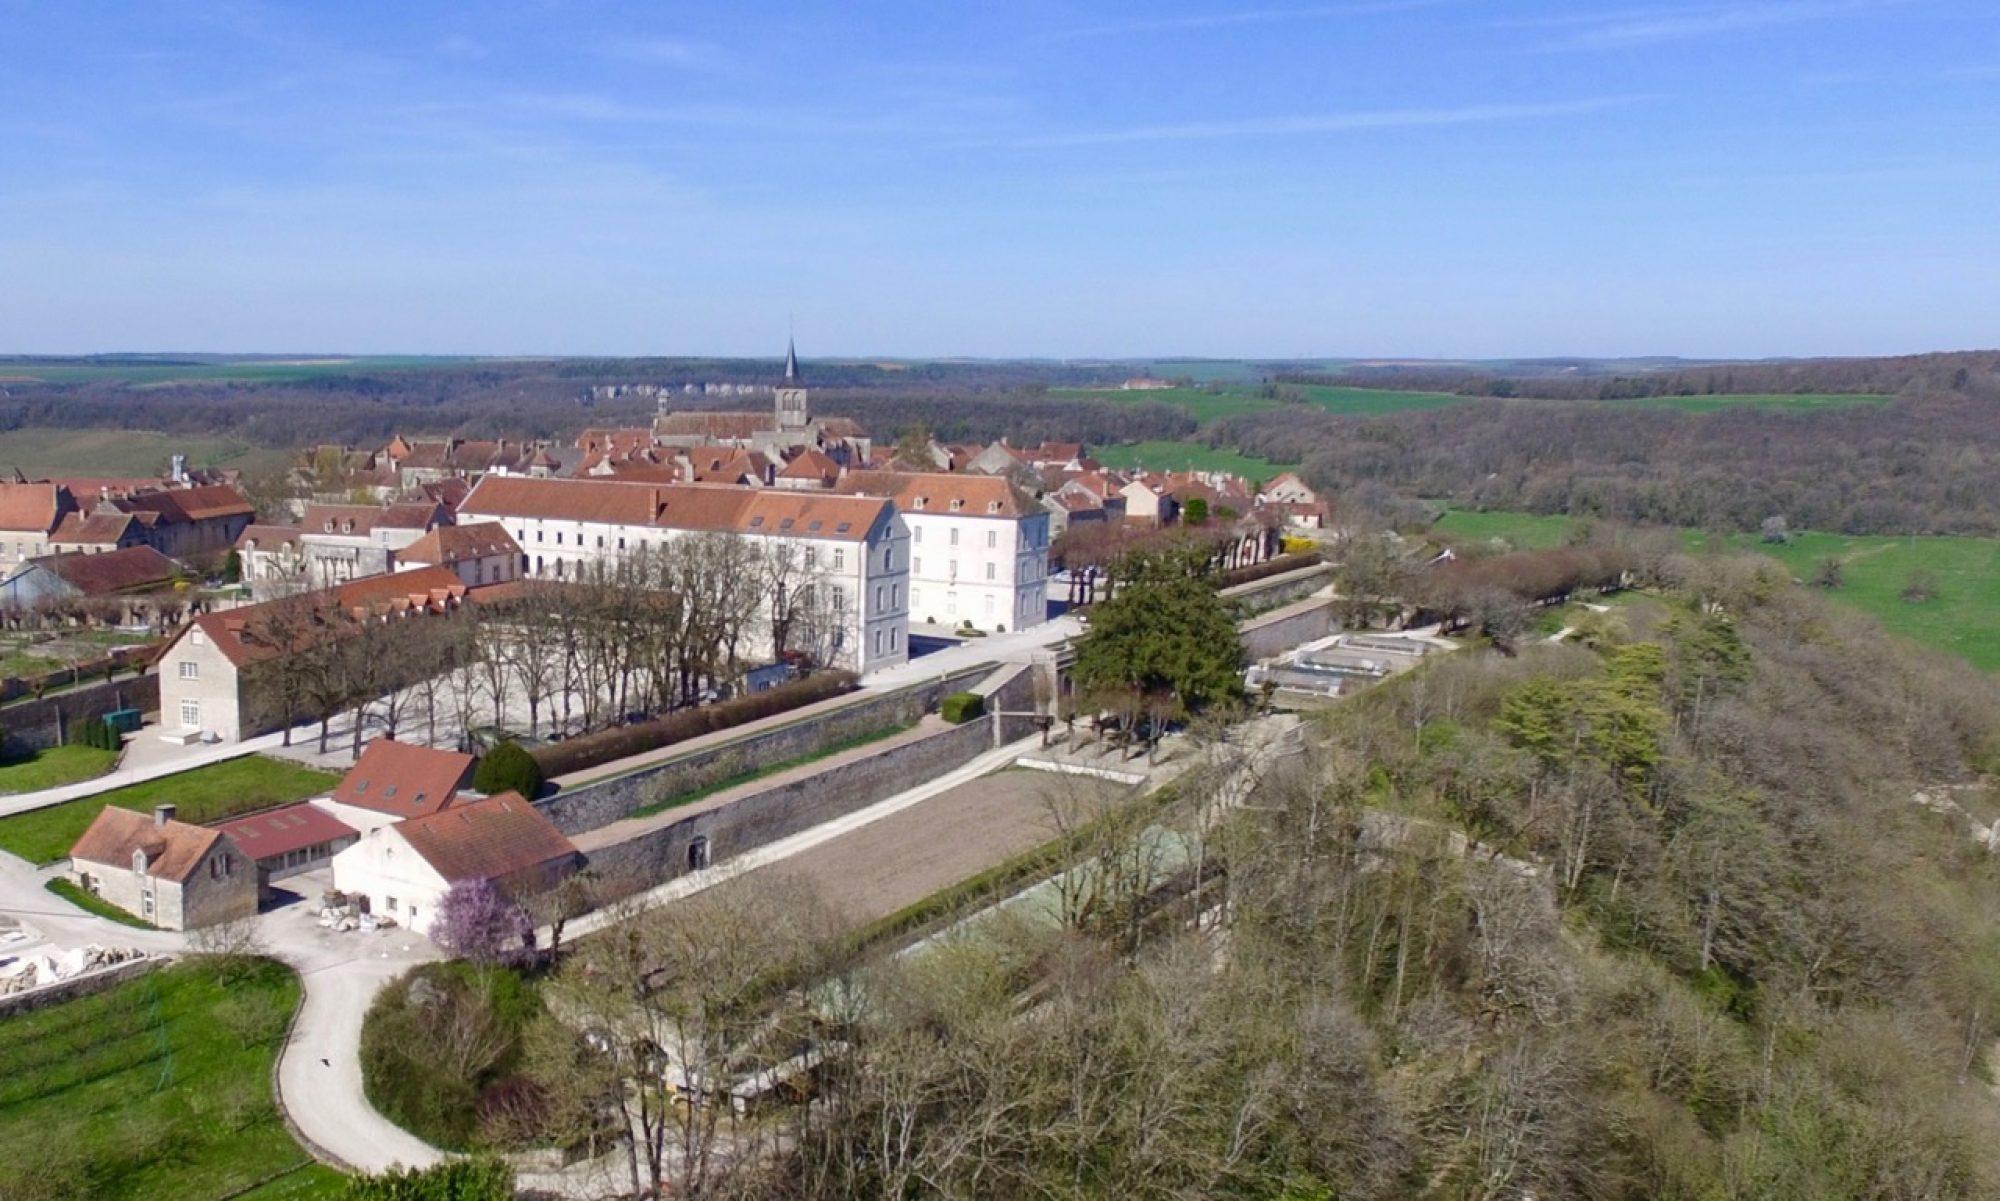 St. Jozefsabdij van Clairval